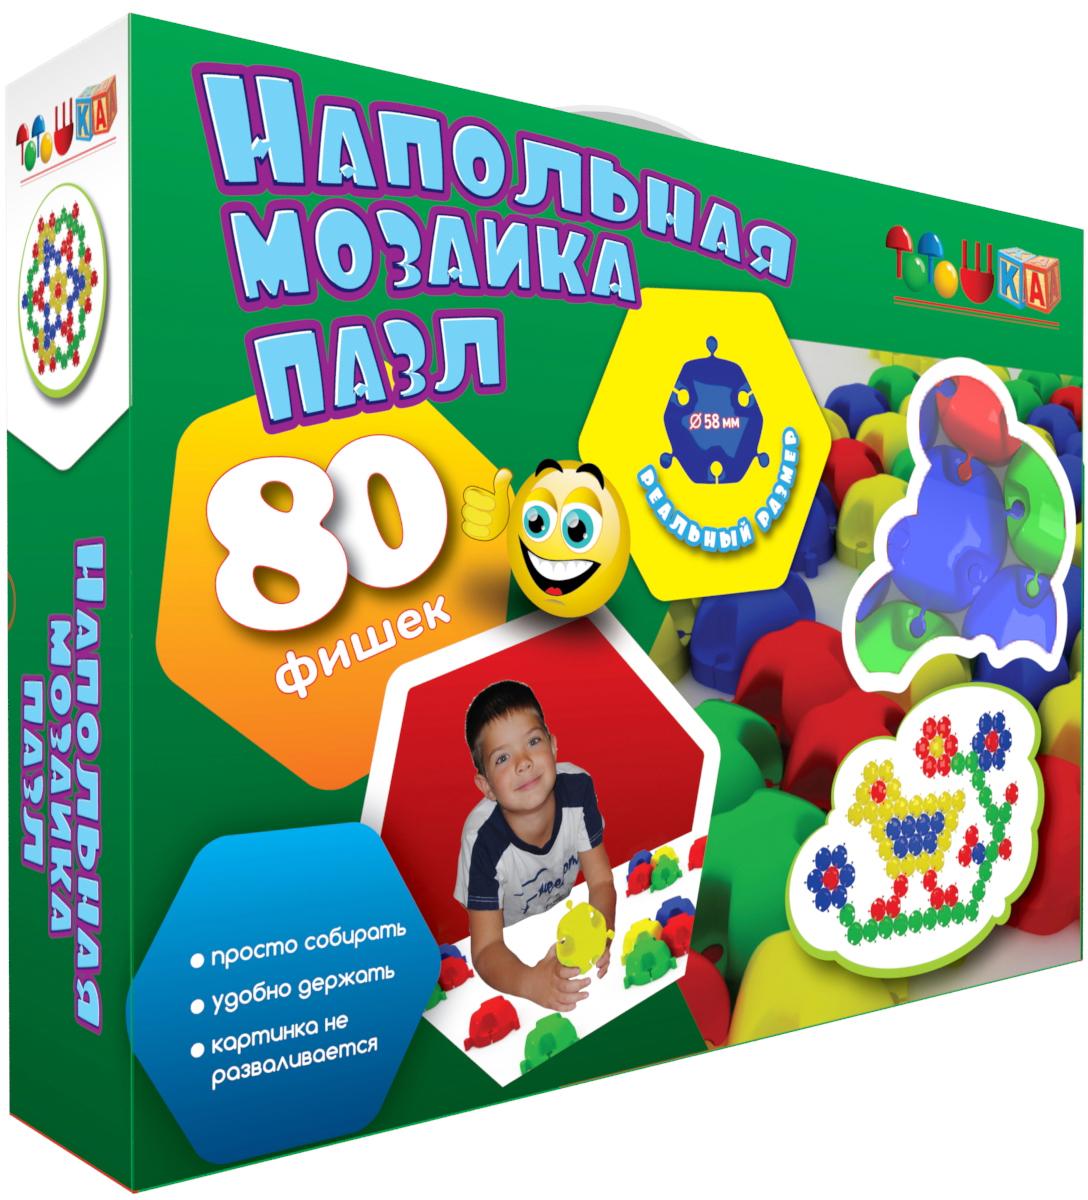 Тотошка Мозаика напольная 80 элементов